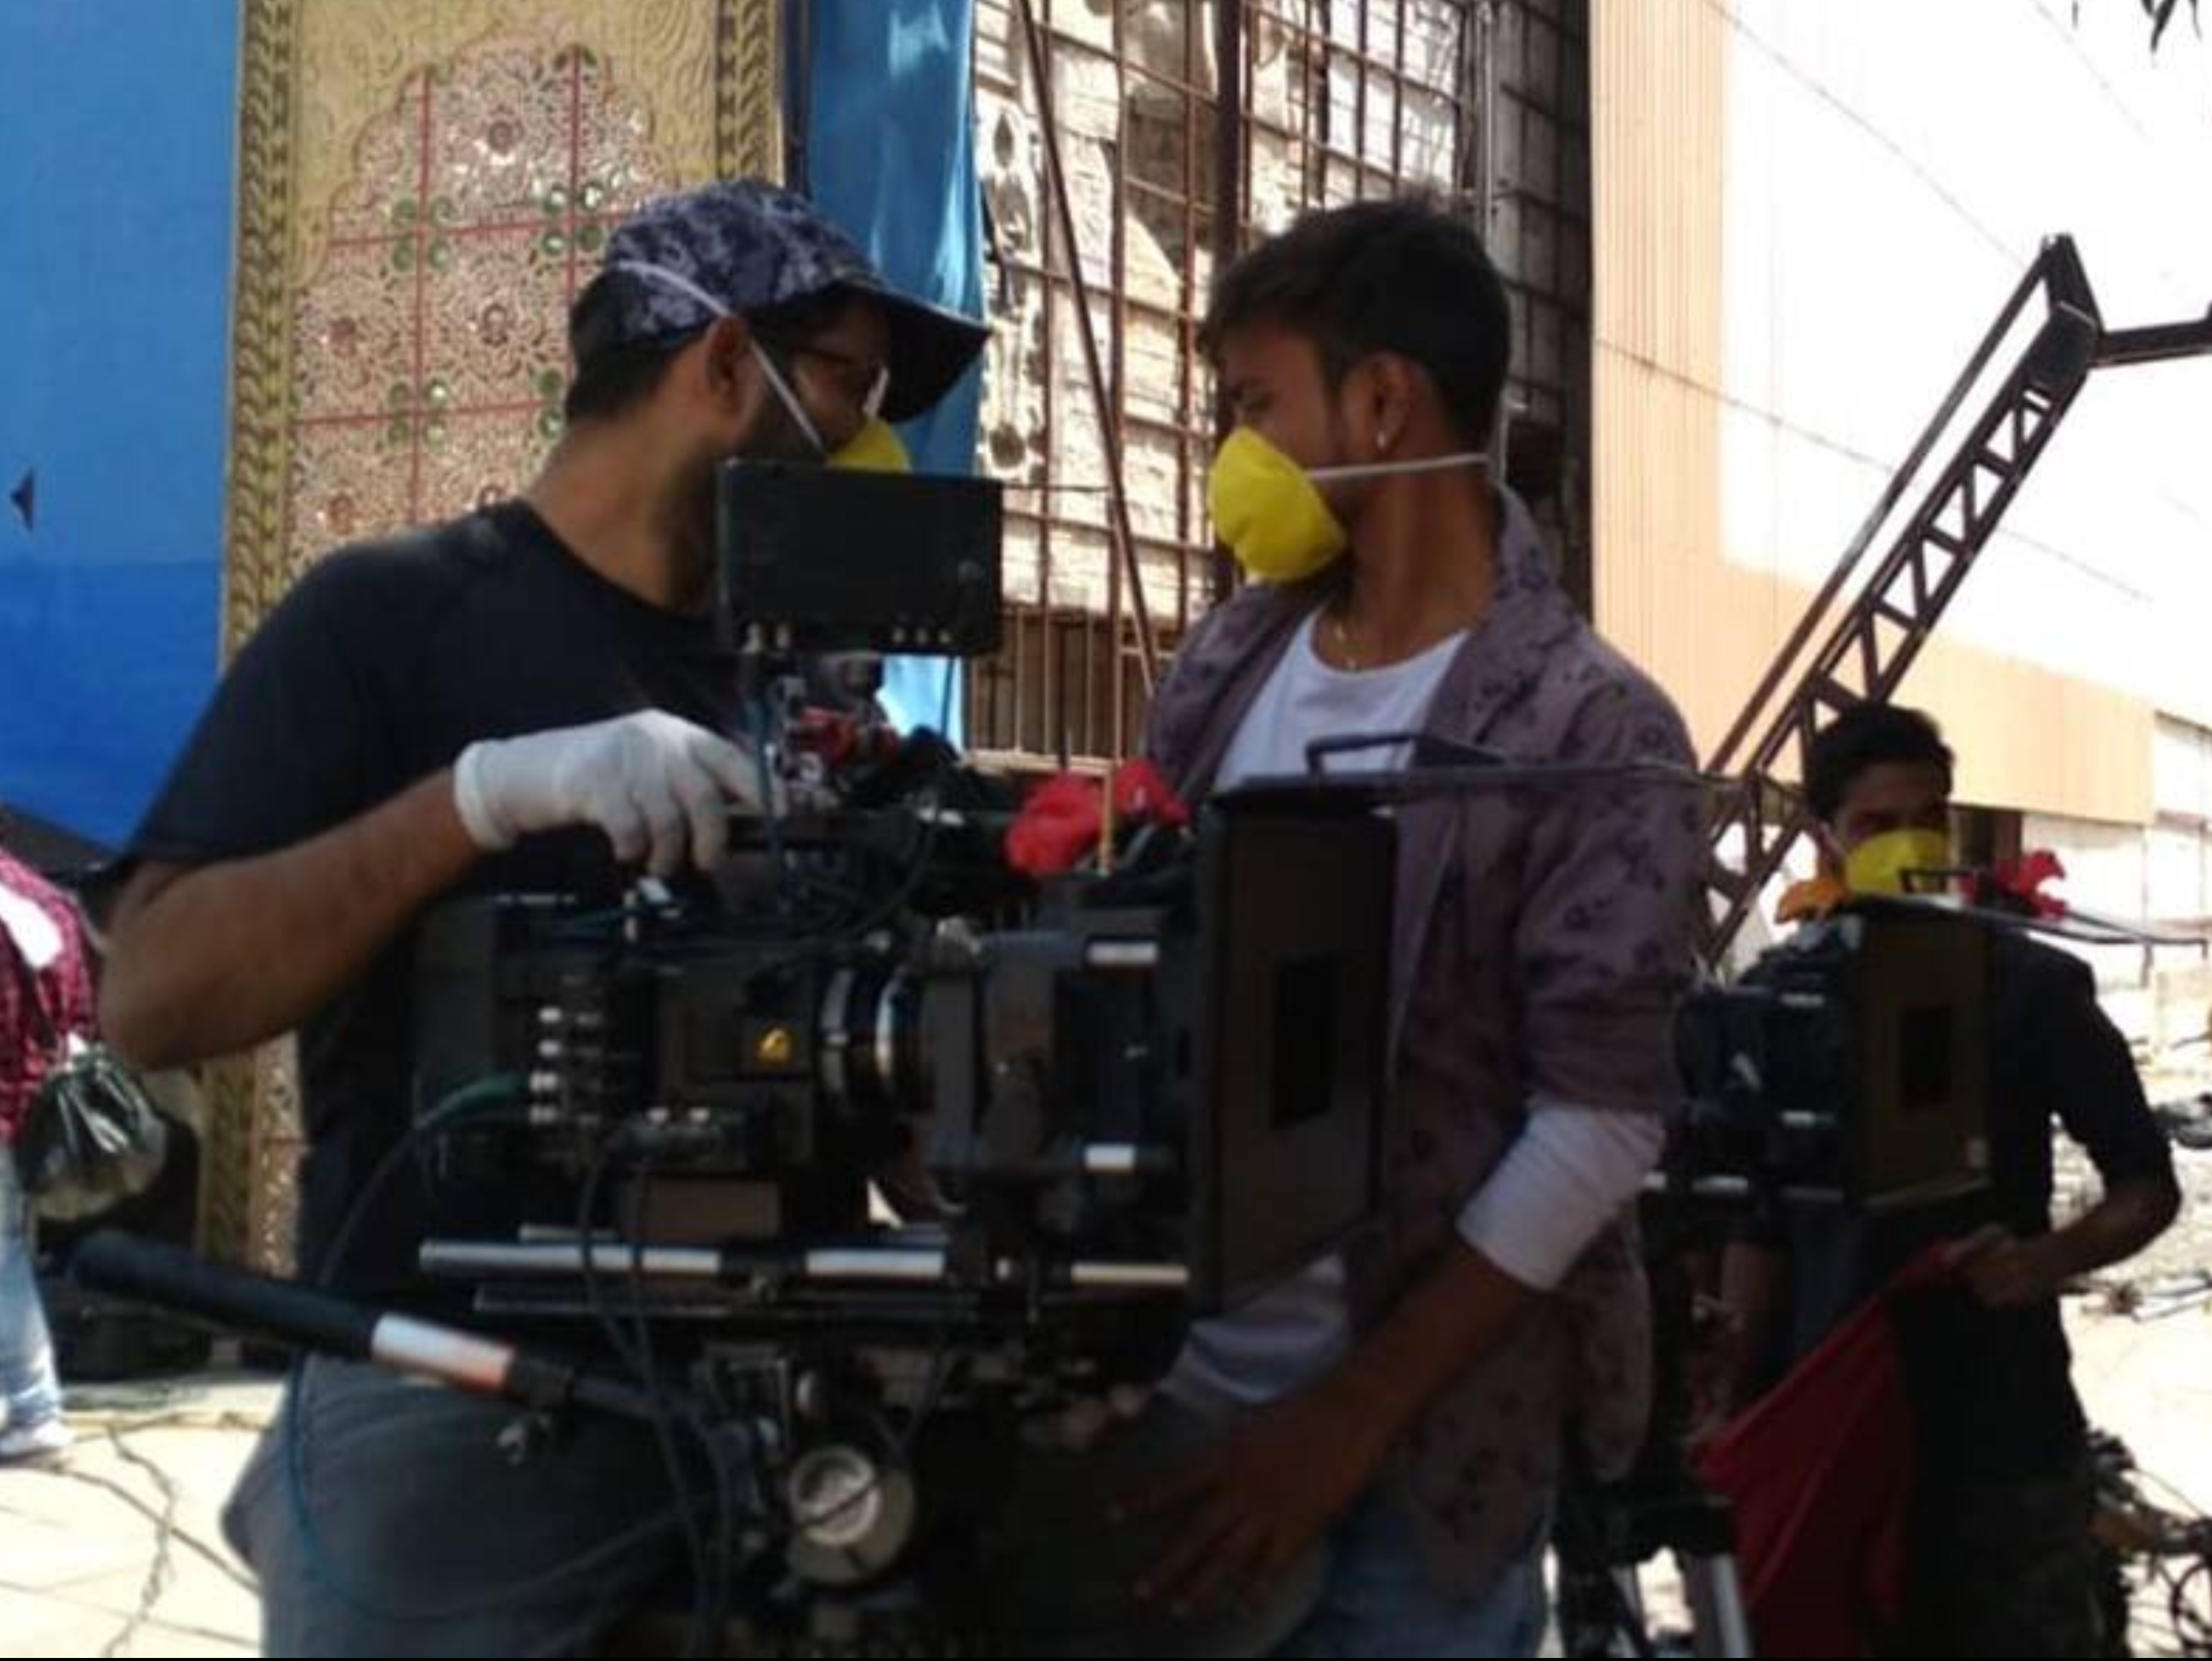 फिल्म और टीवी शो के प्रोड्यूसर्स हर 15 दिन में क्रू मेम्बर्स का कराएं कोरोना टेस्ट, इंडियन फिल्म और टीवी प्रोड्यूसर्स काउंसिल का निर्देश|बॉलीवुड,Bollywood - Dainik Bhaskar